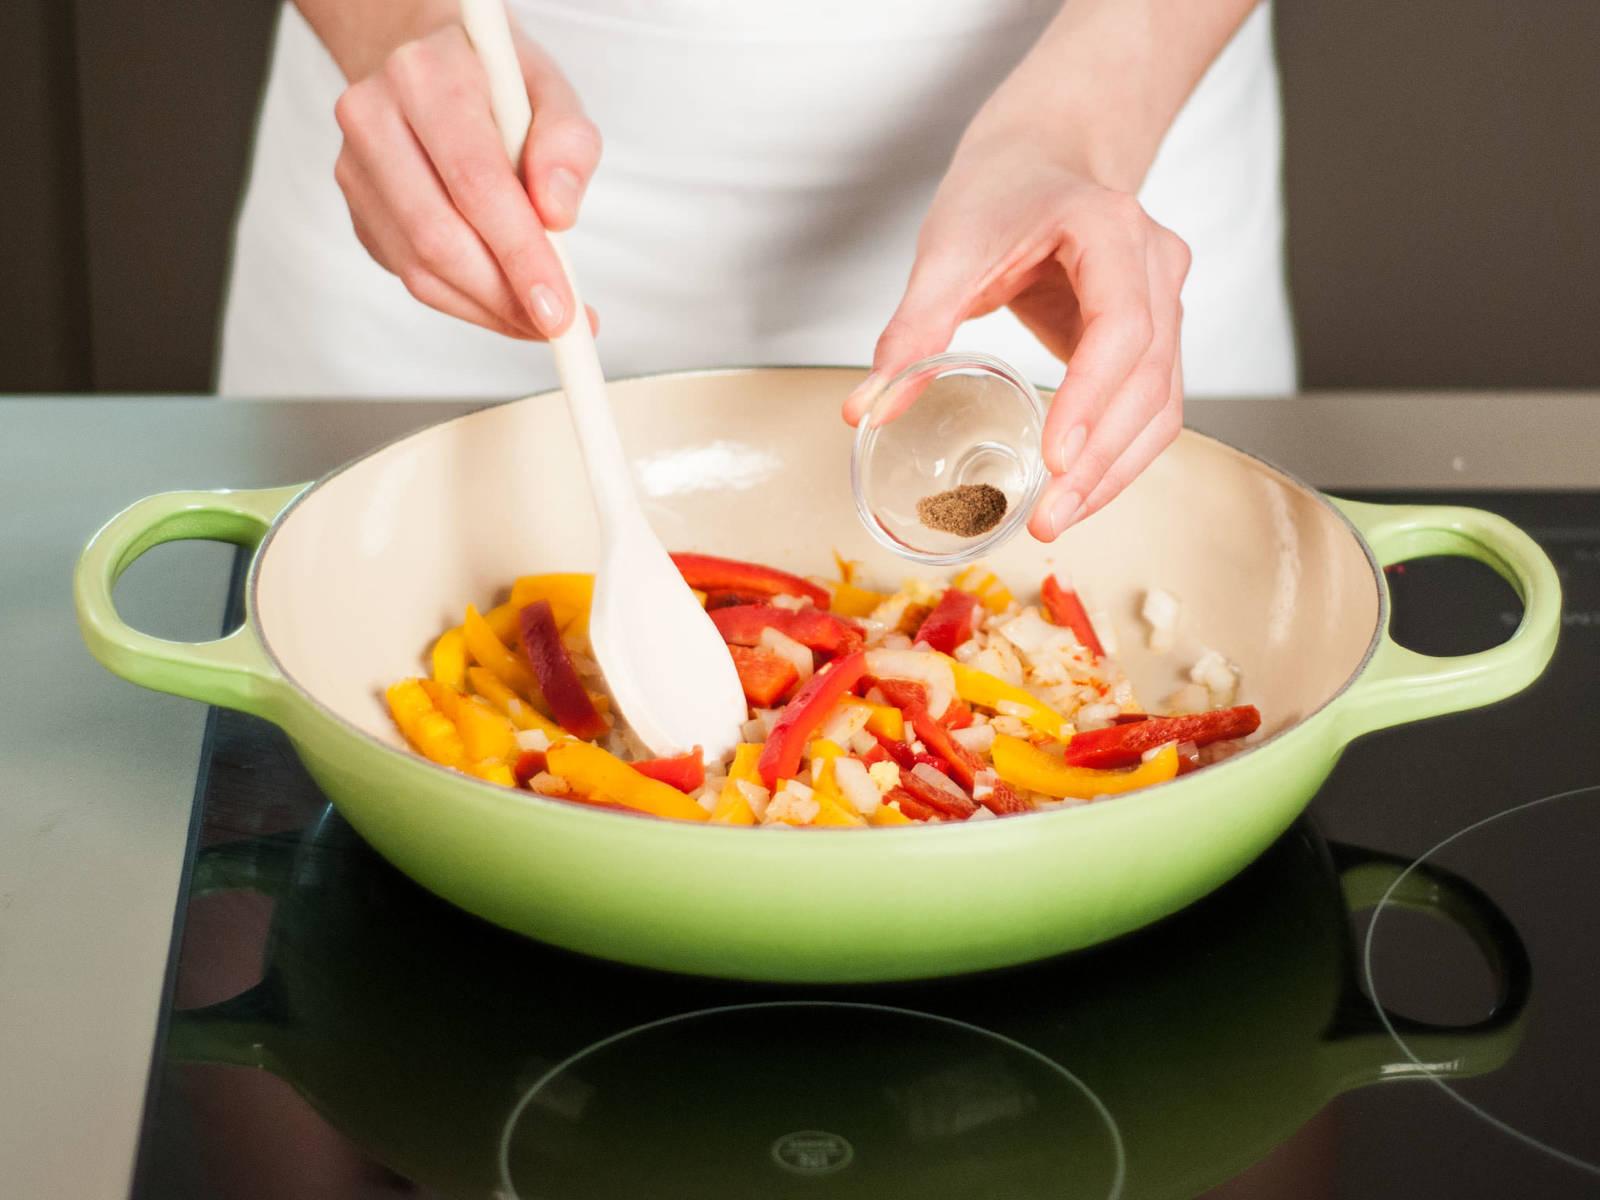 用中温在煎锅中加热少许植物油,加入洋葱、蒜、辣椒与灯笼椒,煸炒6-8分钟至灯笼椒变软,然后加入生姜、甜椒粉与孜然粉,继续煸炒约2分钟。